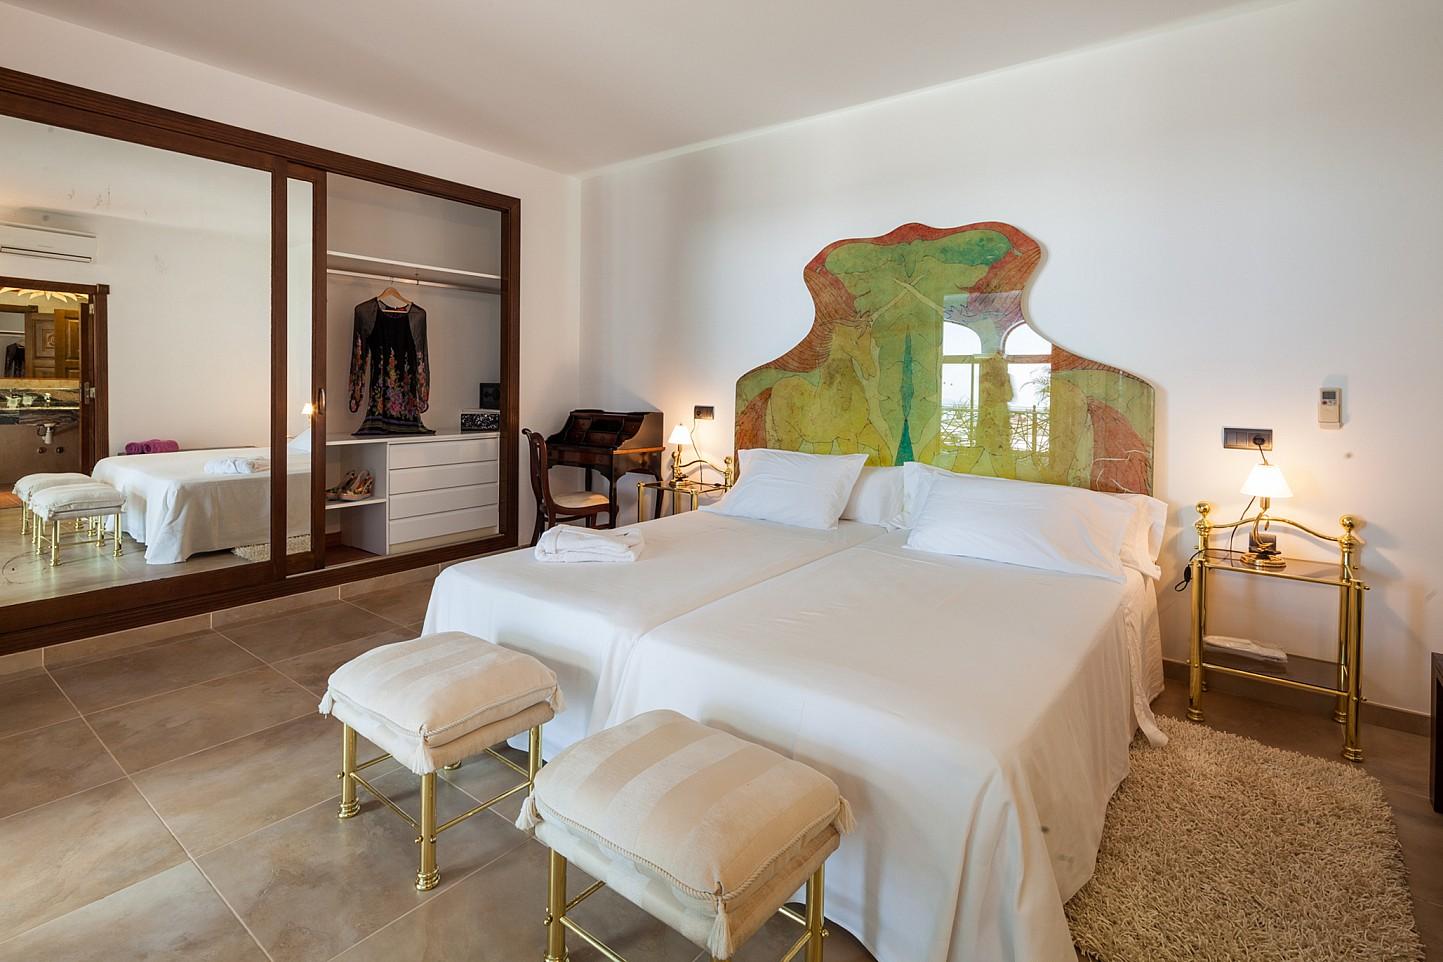 Dormitori ampli i lluminós